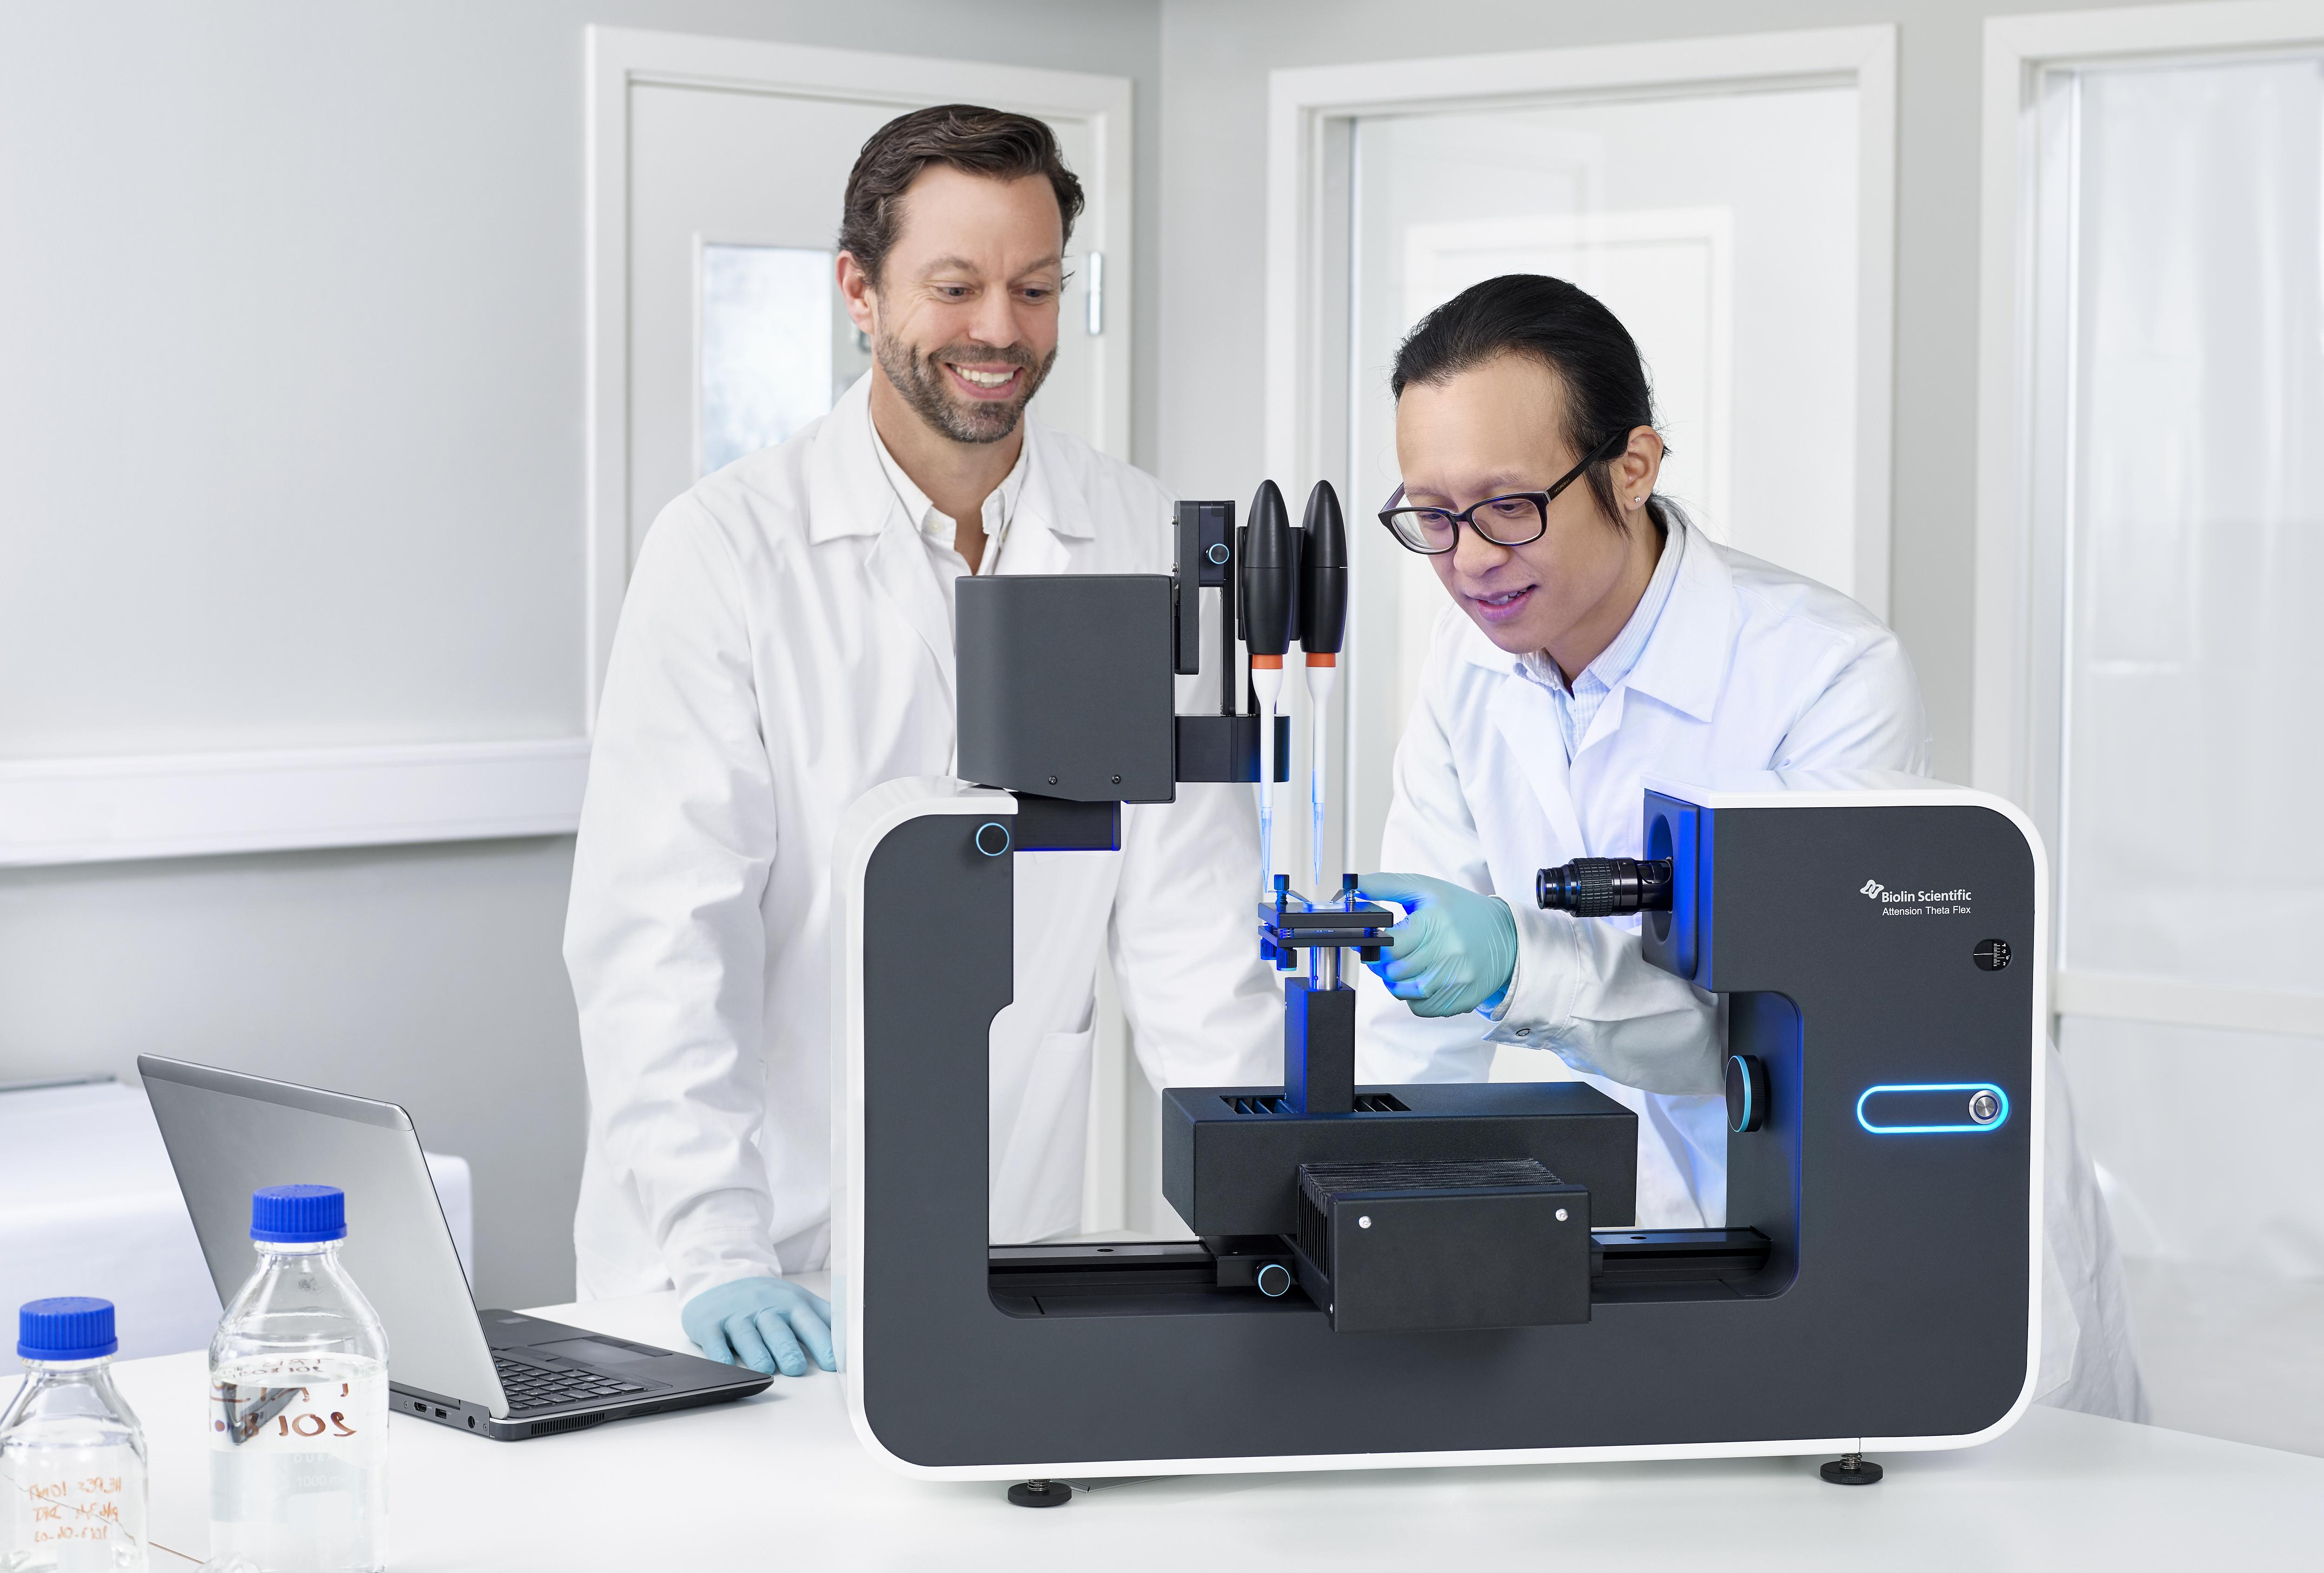 ดีเคเอสเอช ร่วมมือกับ Biolin Scientificประเทศสวีเดน เพื่อตอบสนองความต้องการให้ลูกค้าไทยสามารถเข้าถึงเครื่องมือเทคโนโลยีเพื่อการวิเคราะห์พื้นผิวและการแก้ปัญหาที่มีความแม่นยำสูง